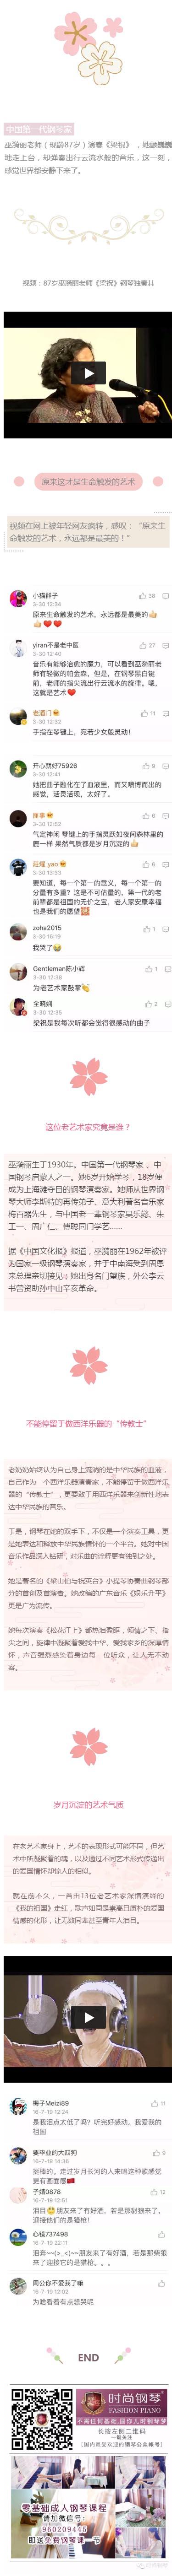 中国第一代钢琴家女性人物介绍粉色背景图